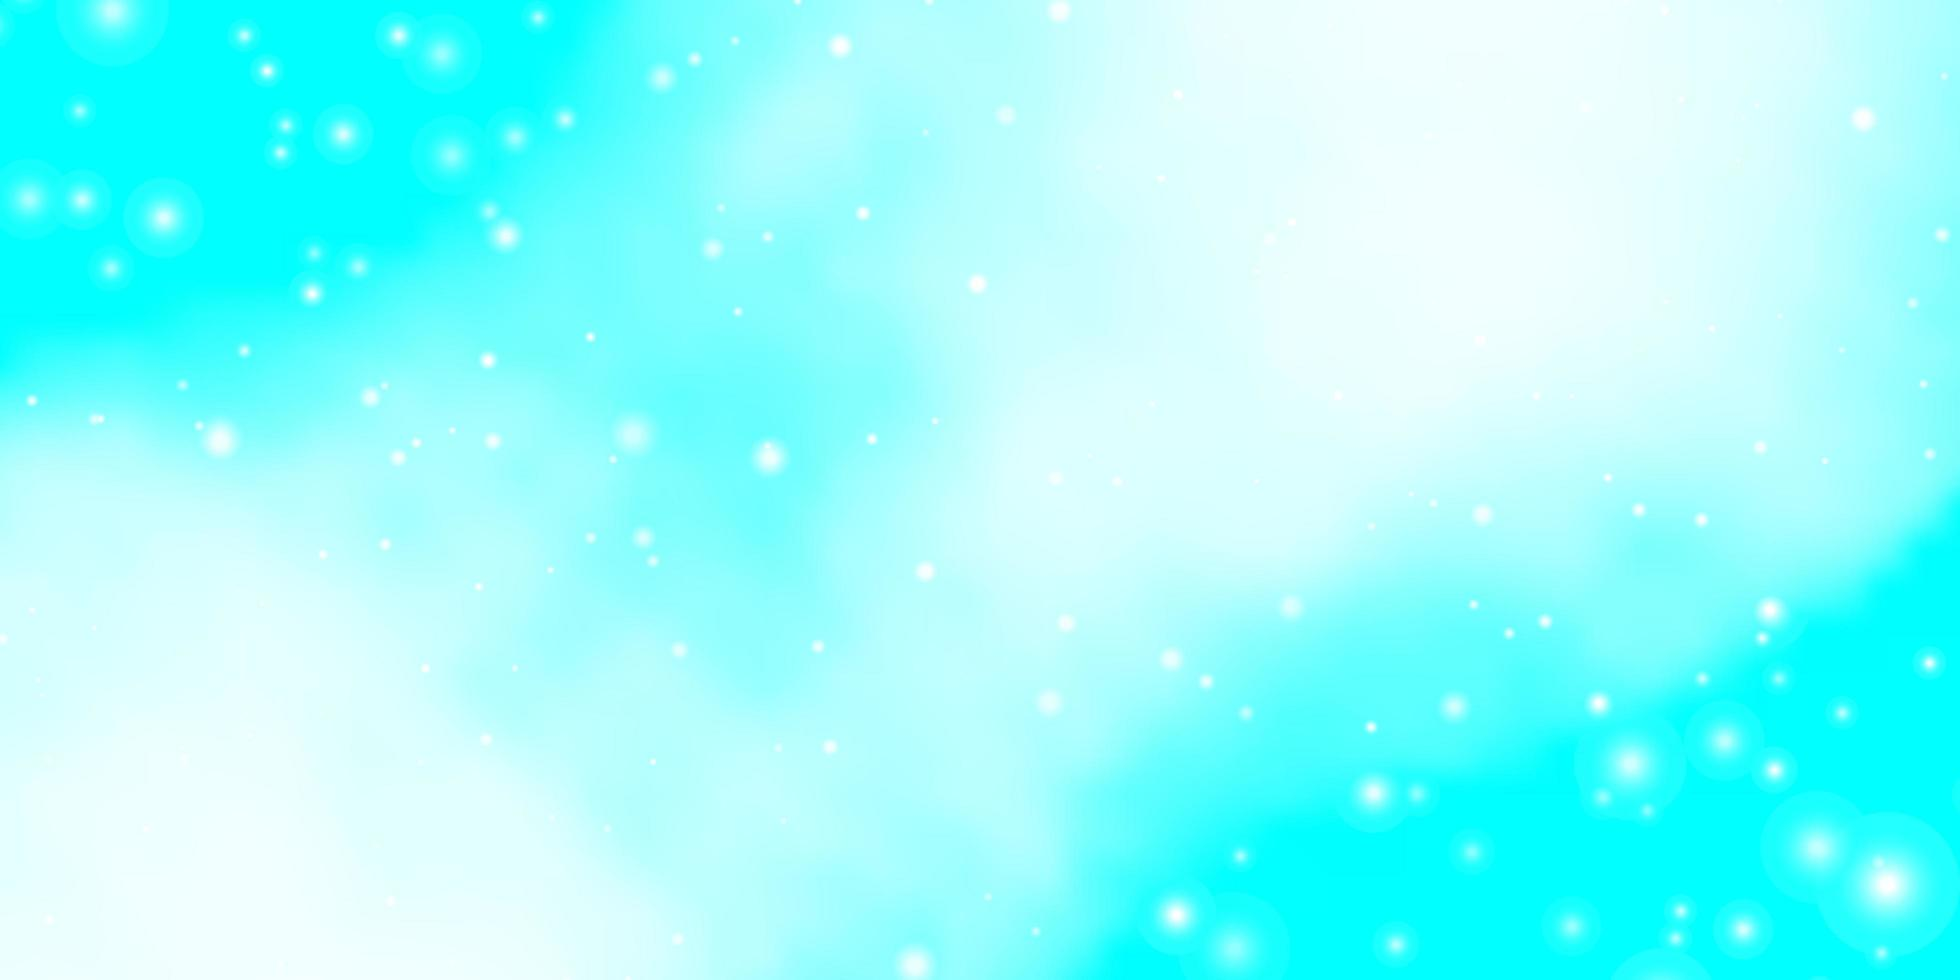 fond bleu clair avec des étoiles. vecteur